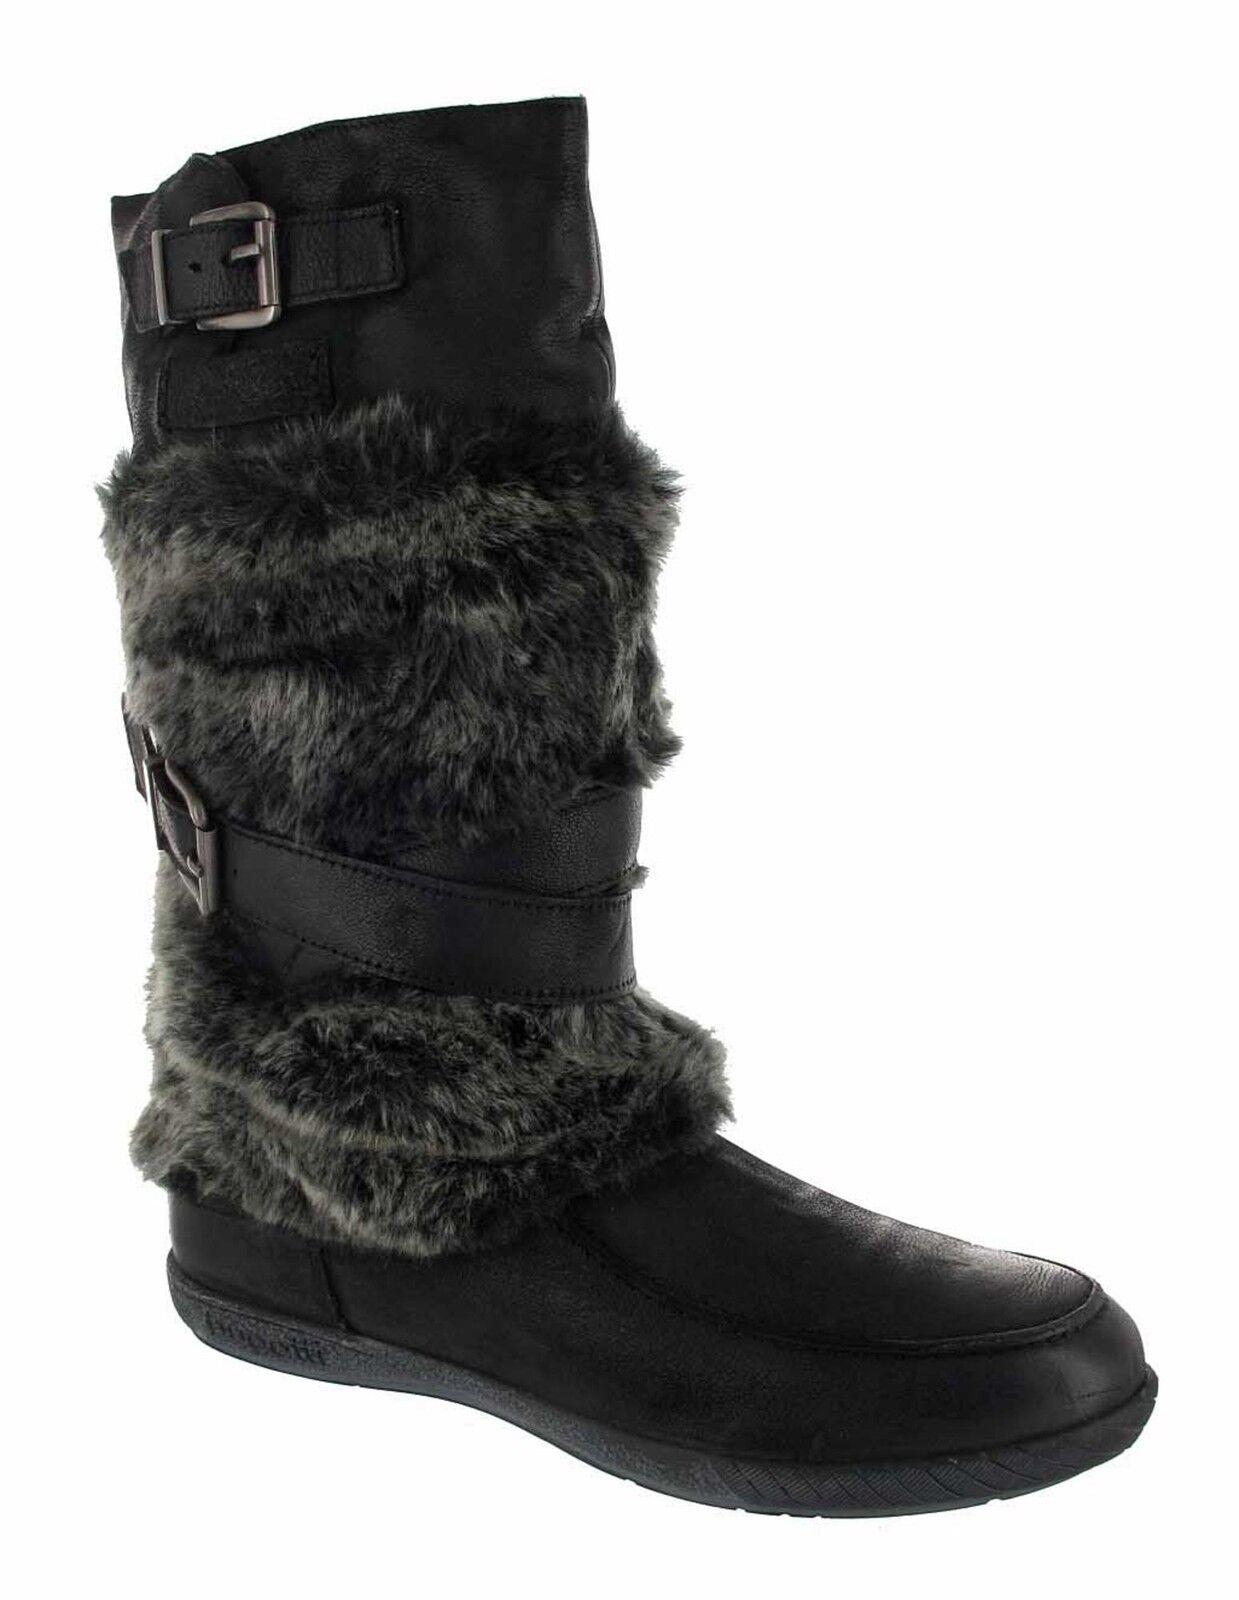 BUGATTI Ines Stiefel - Ines BUGATTI Nappa/Textil TF J1425-16, schwarz cb60cd